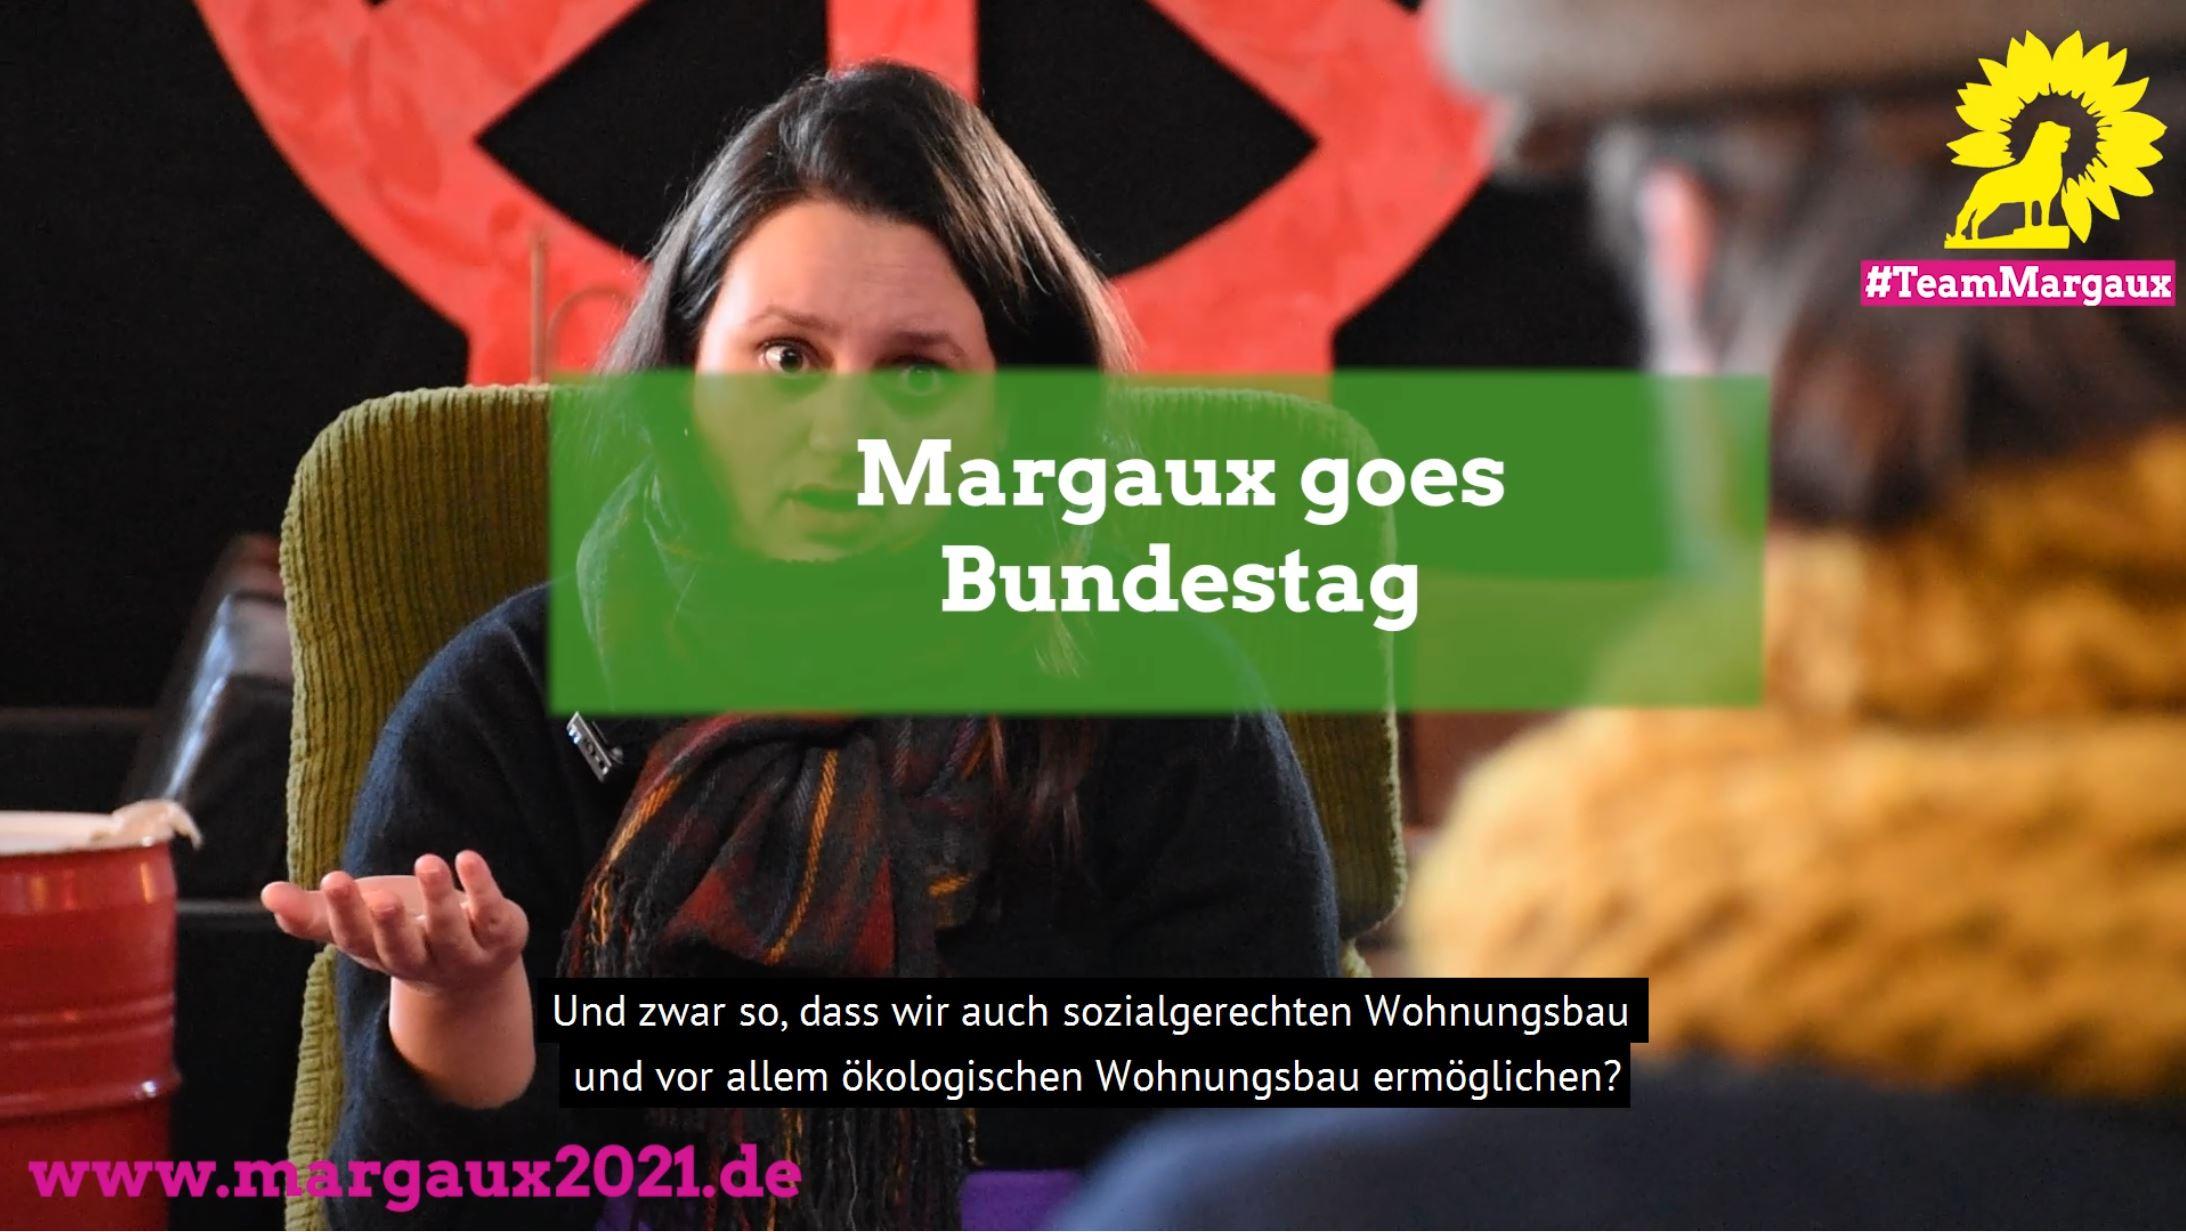 Folge #3 Video Podcast Margaux goes Bundestag